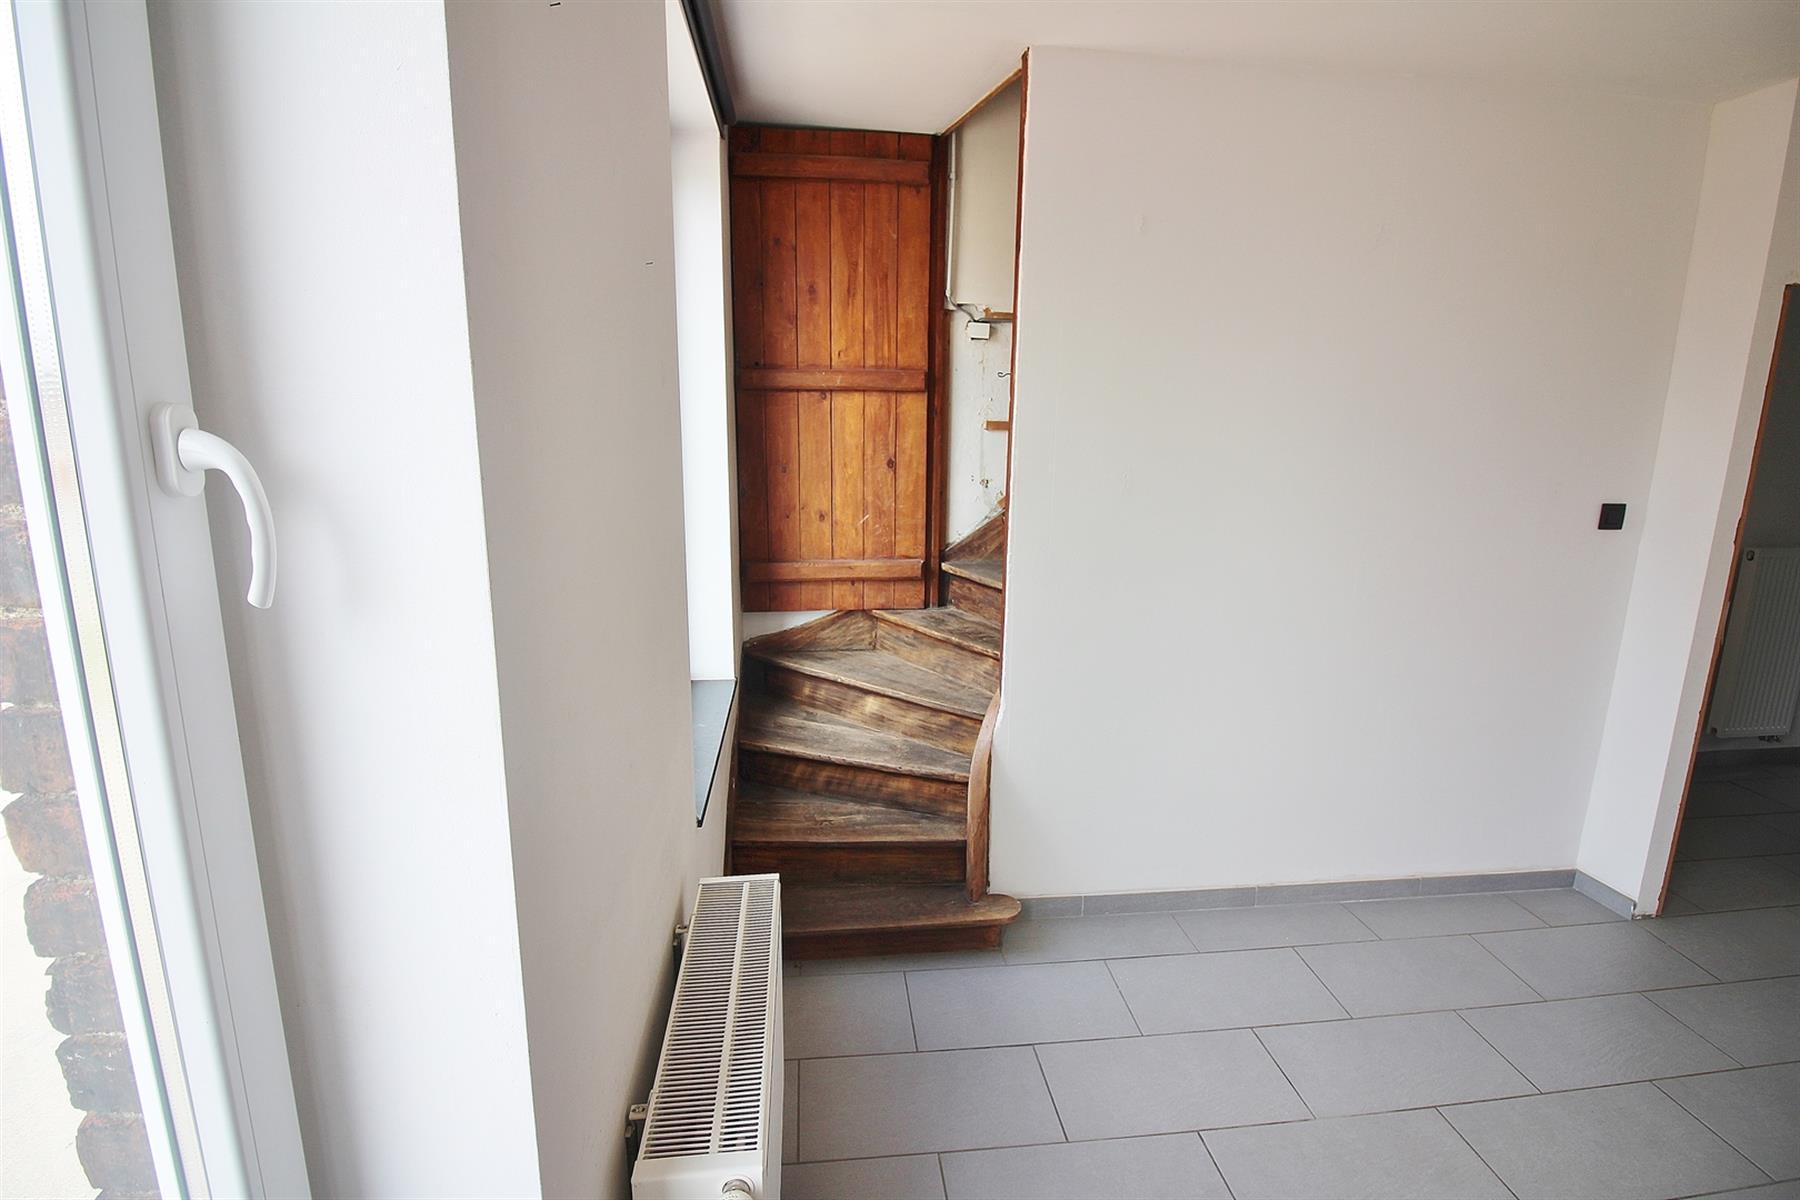 Maison - Fléron Romsée - #4508024-13